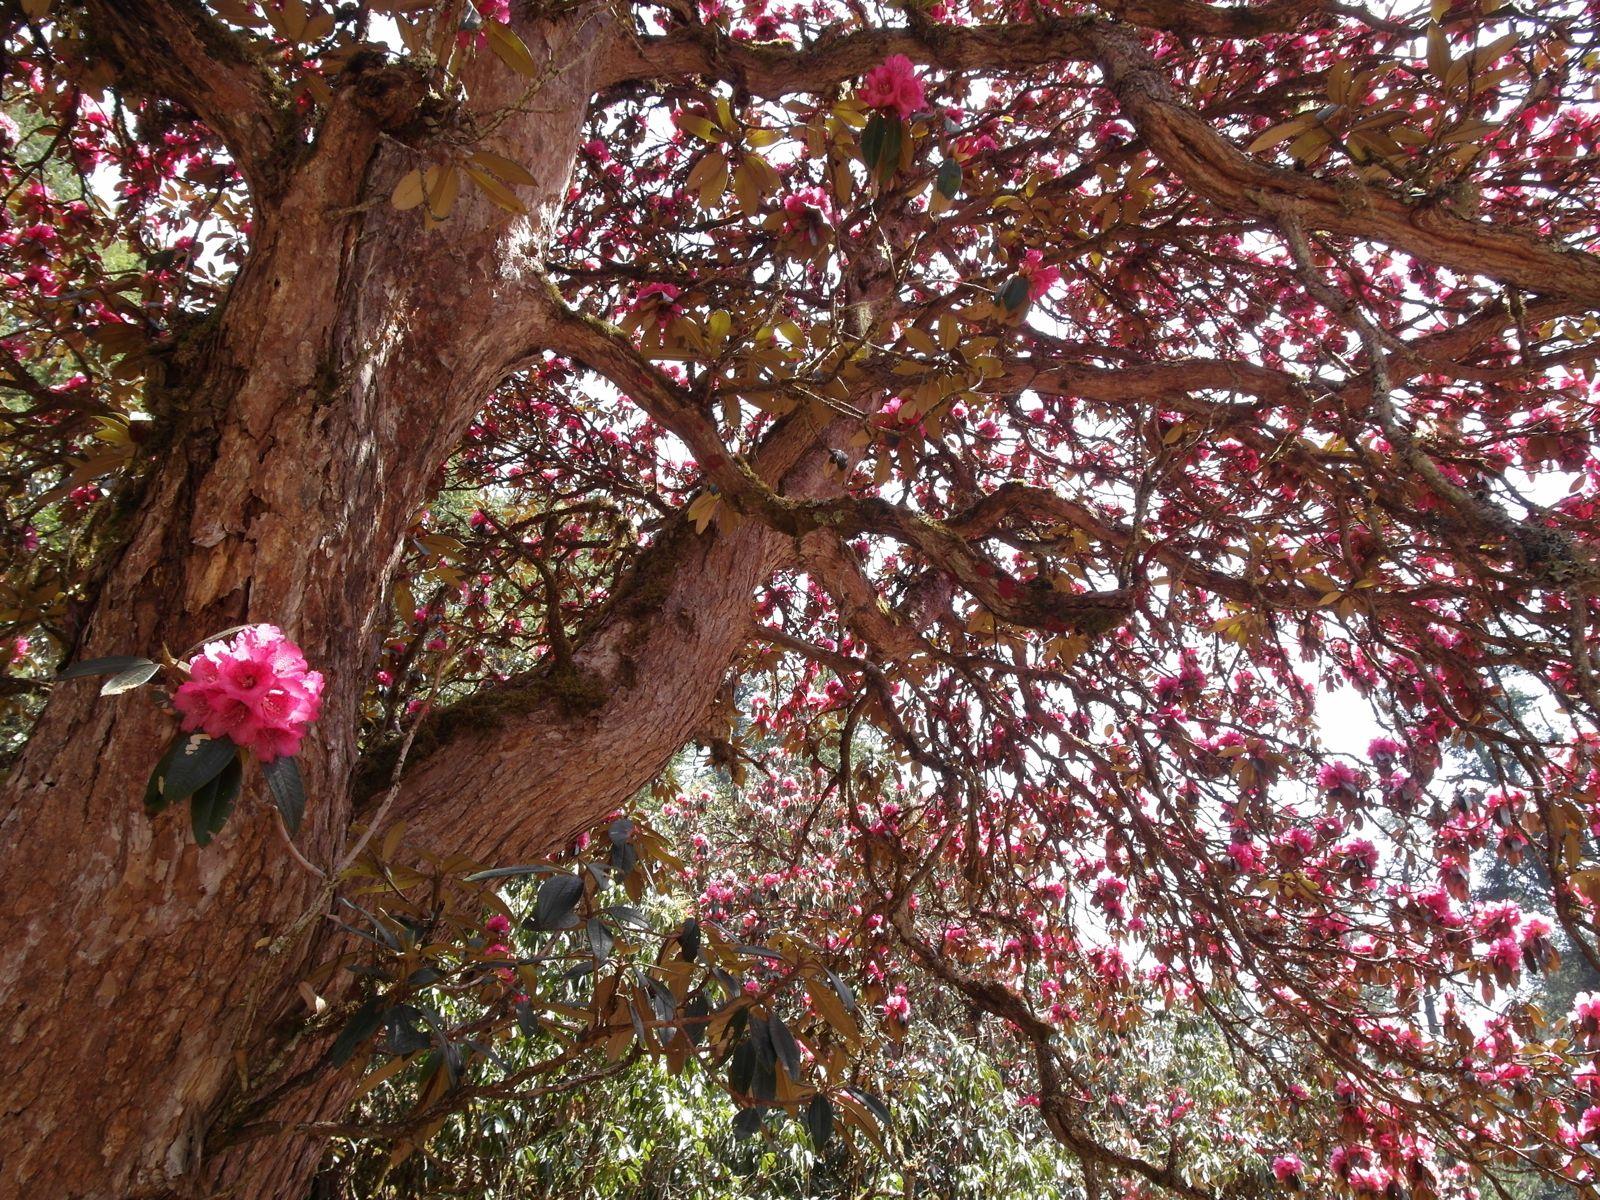 Rhododendron blume manaslu trek